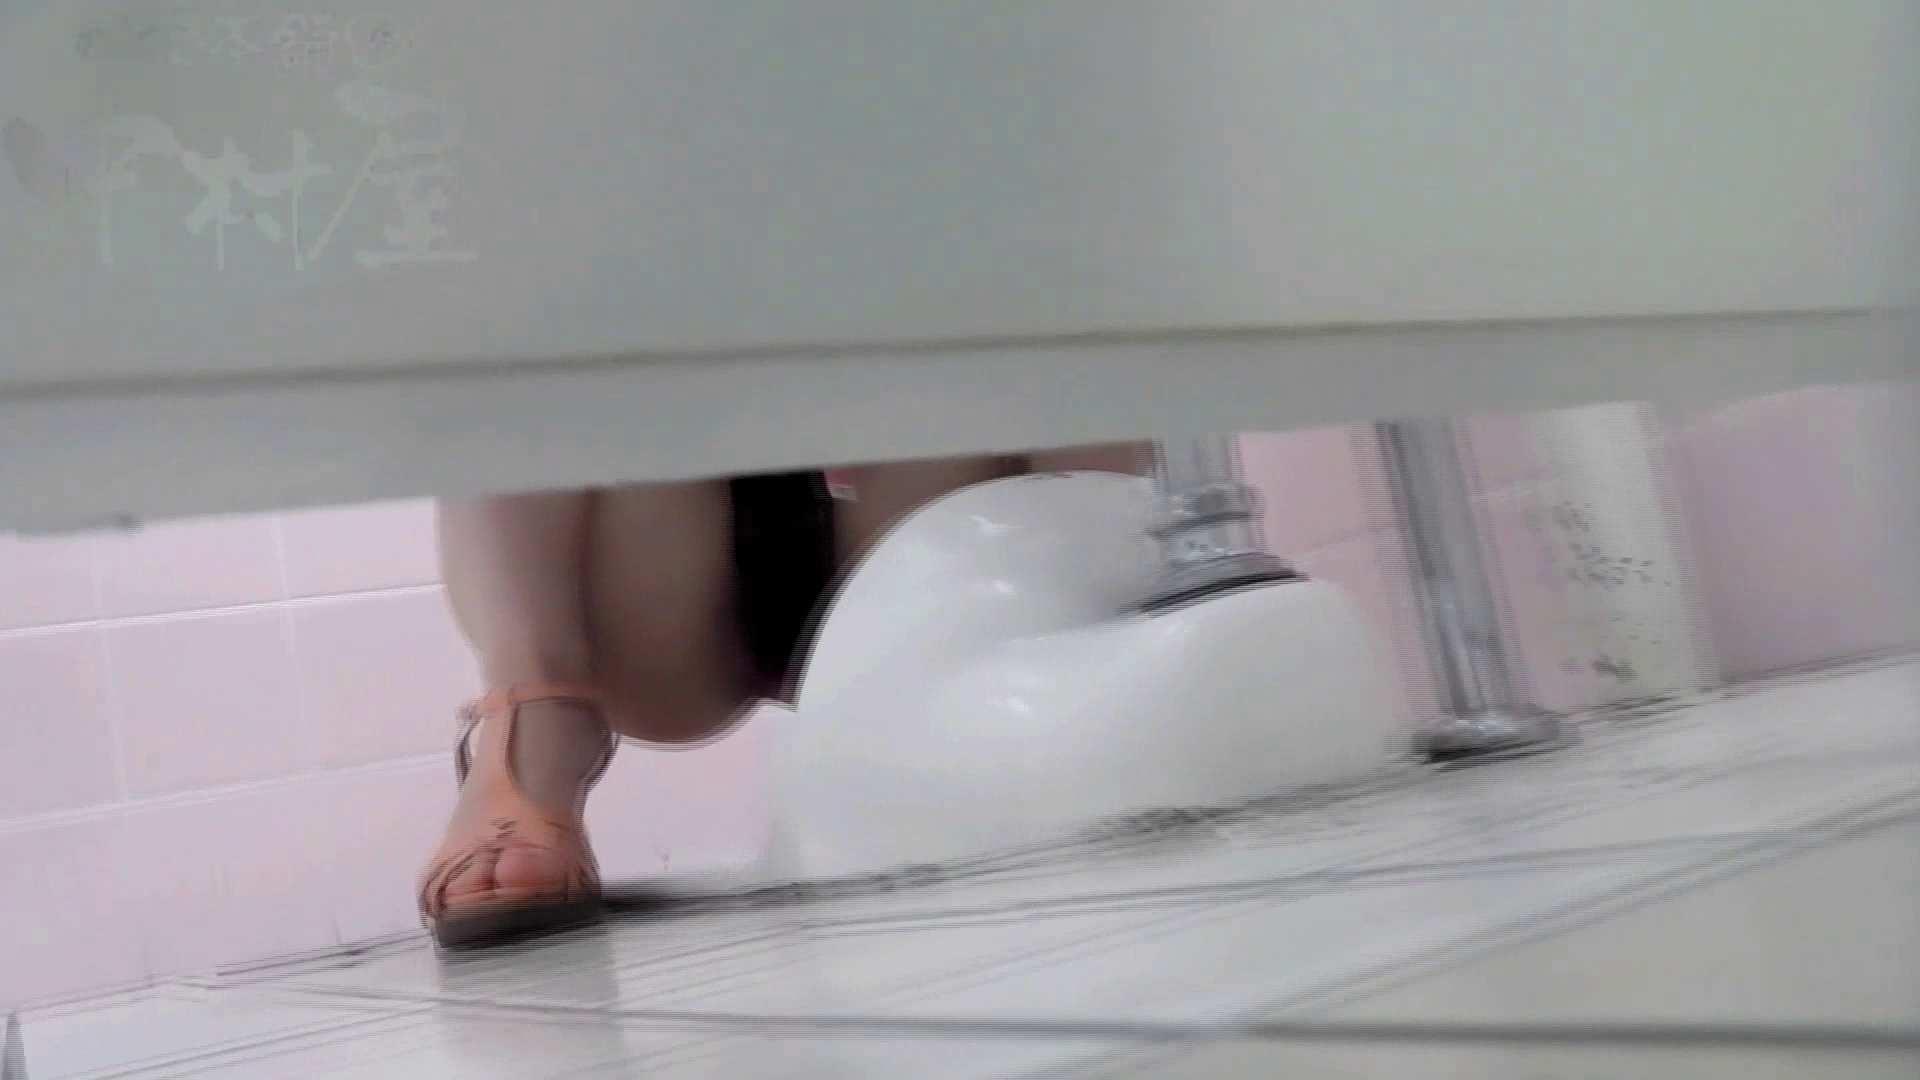 美しい日本の未来 No.17 番外編 ※※※閲覧注意※※※ 乙女 えろ無修正画像 105画像 4